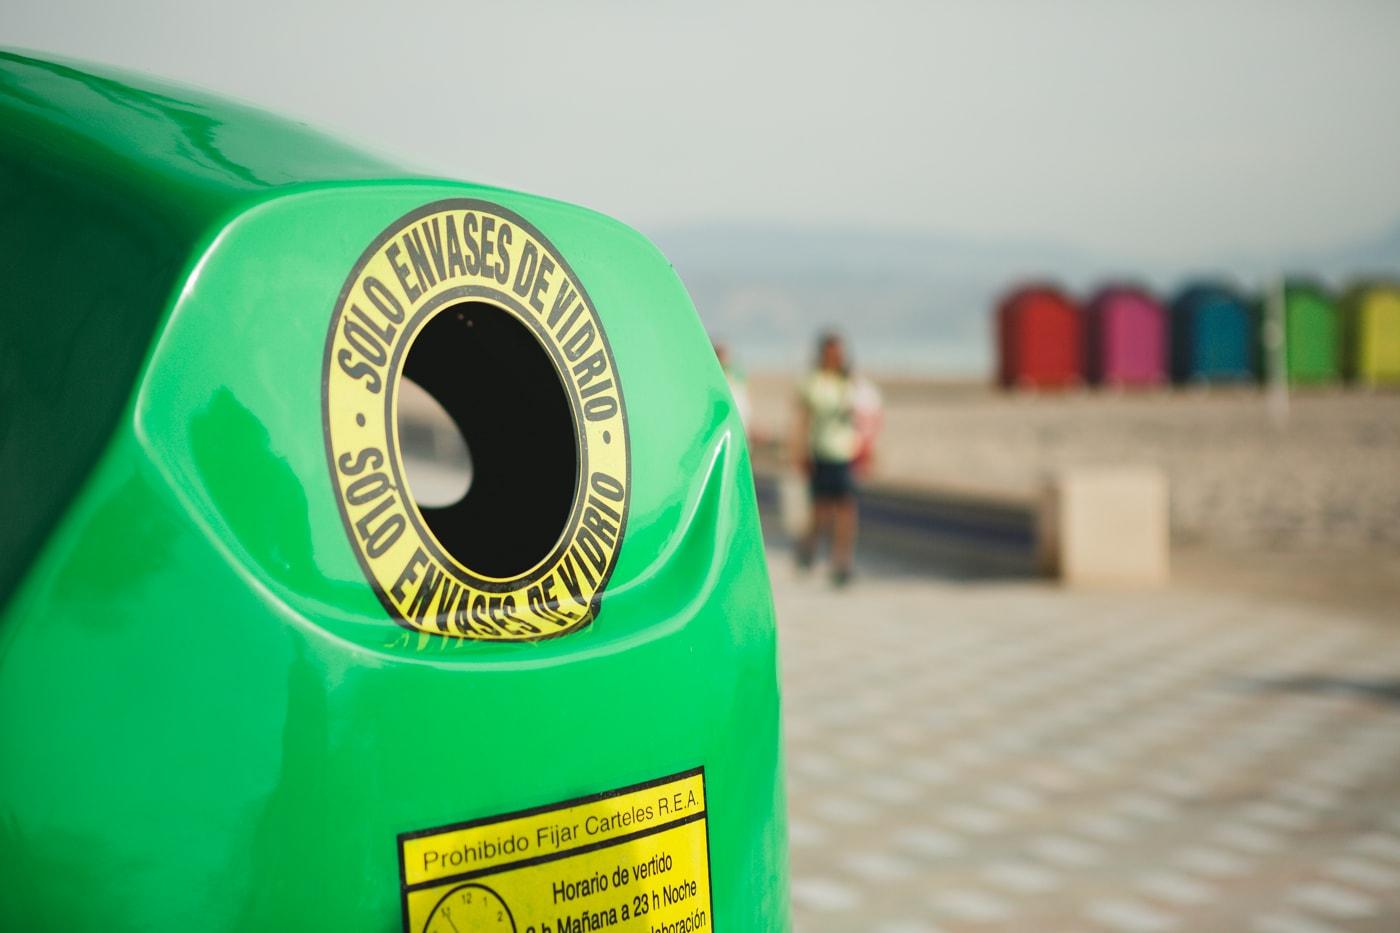 Marbella se une al Plan Integral de Ecovidrio para incrementar el reciclado